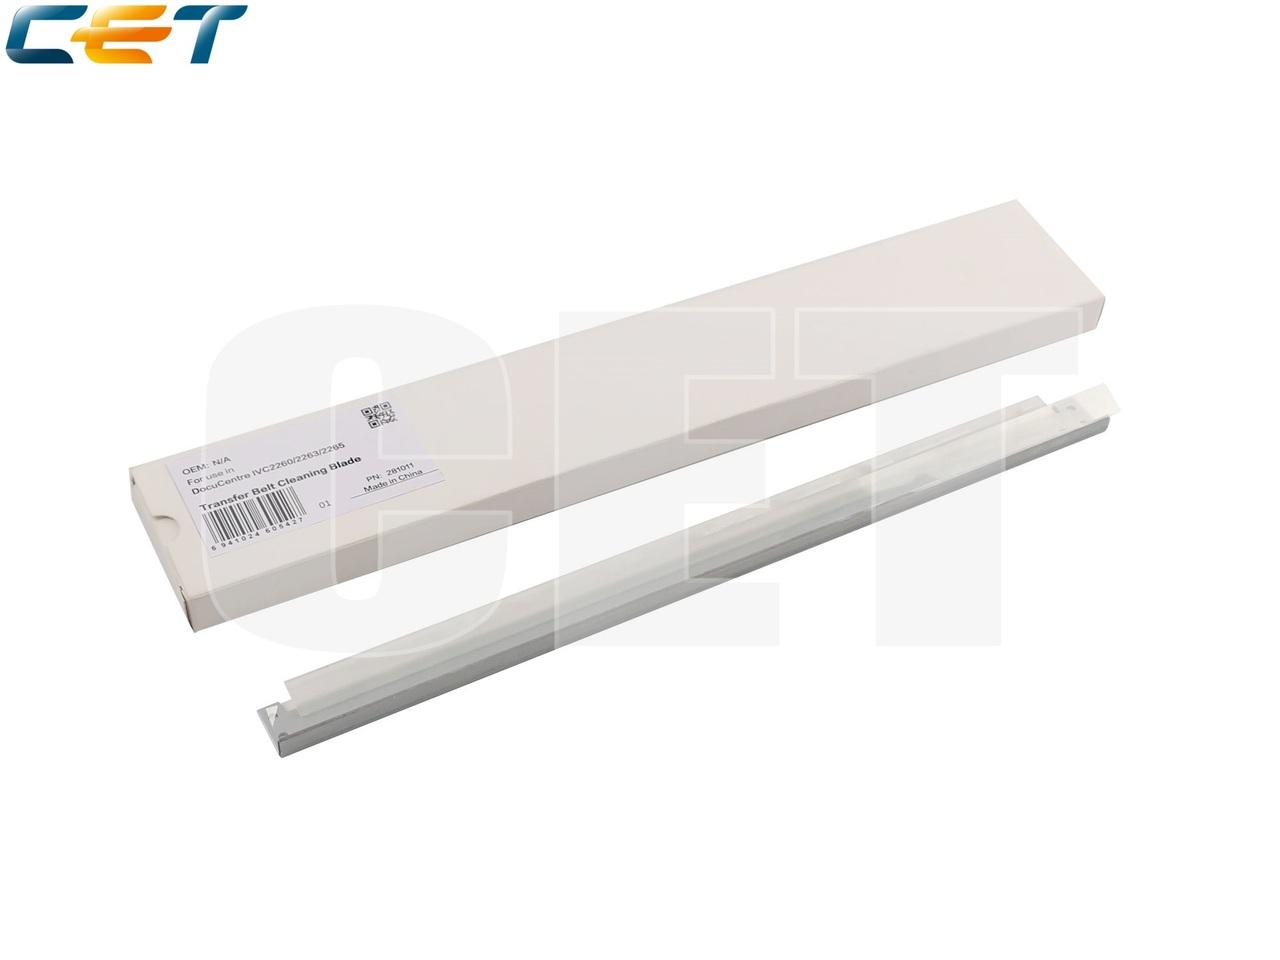 Лезвие очистки ленты переноса для XEROX WorkCentre7120/7125/7220/7225 (CET), CET281011